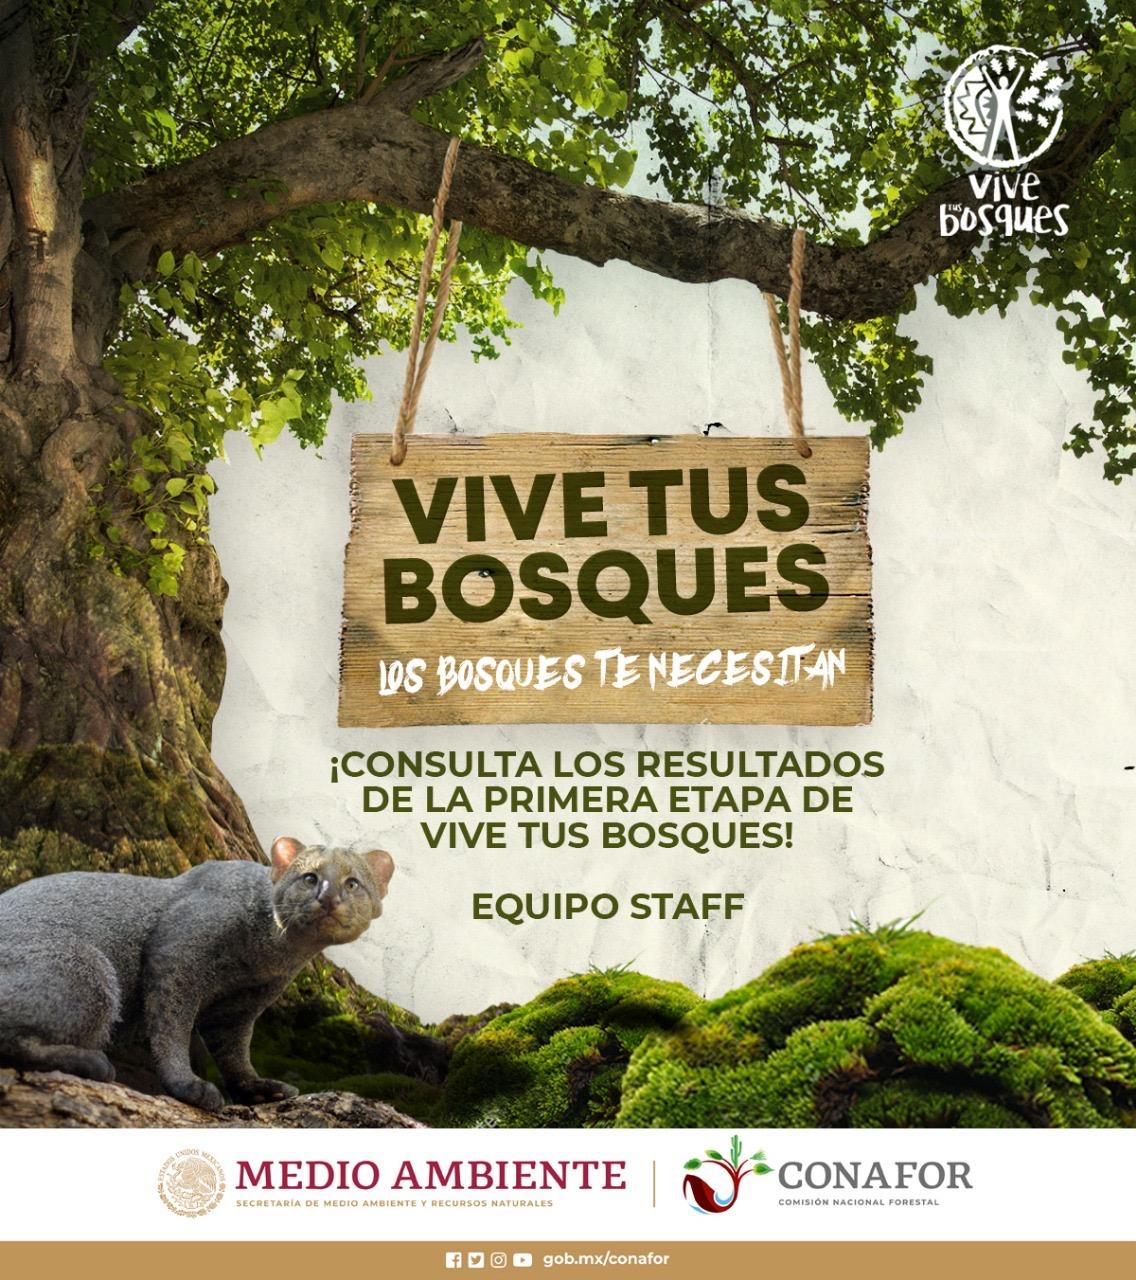 Resultados de la primera etapa de la convocatoria Vive Tus Bosques